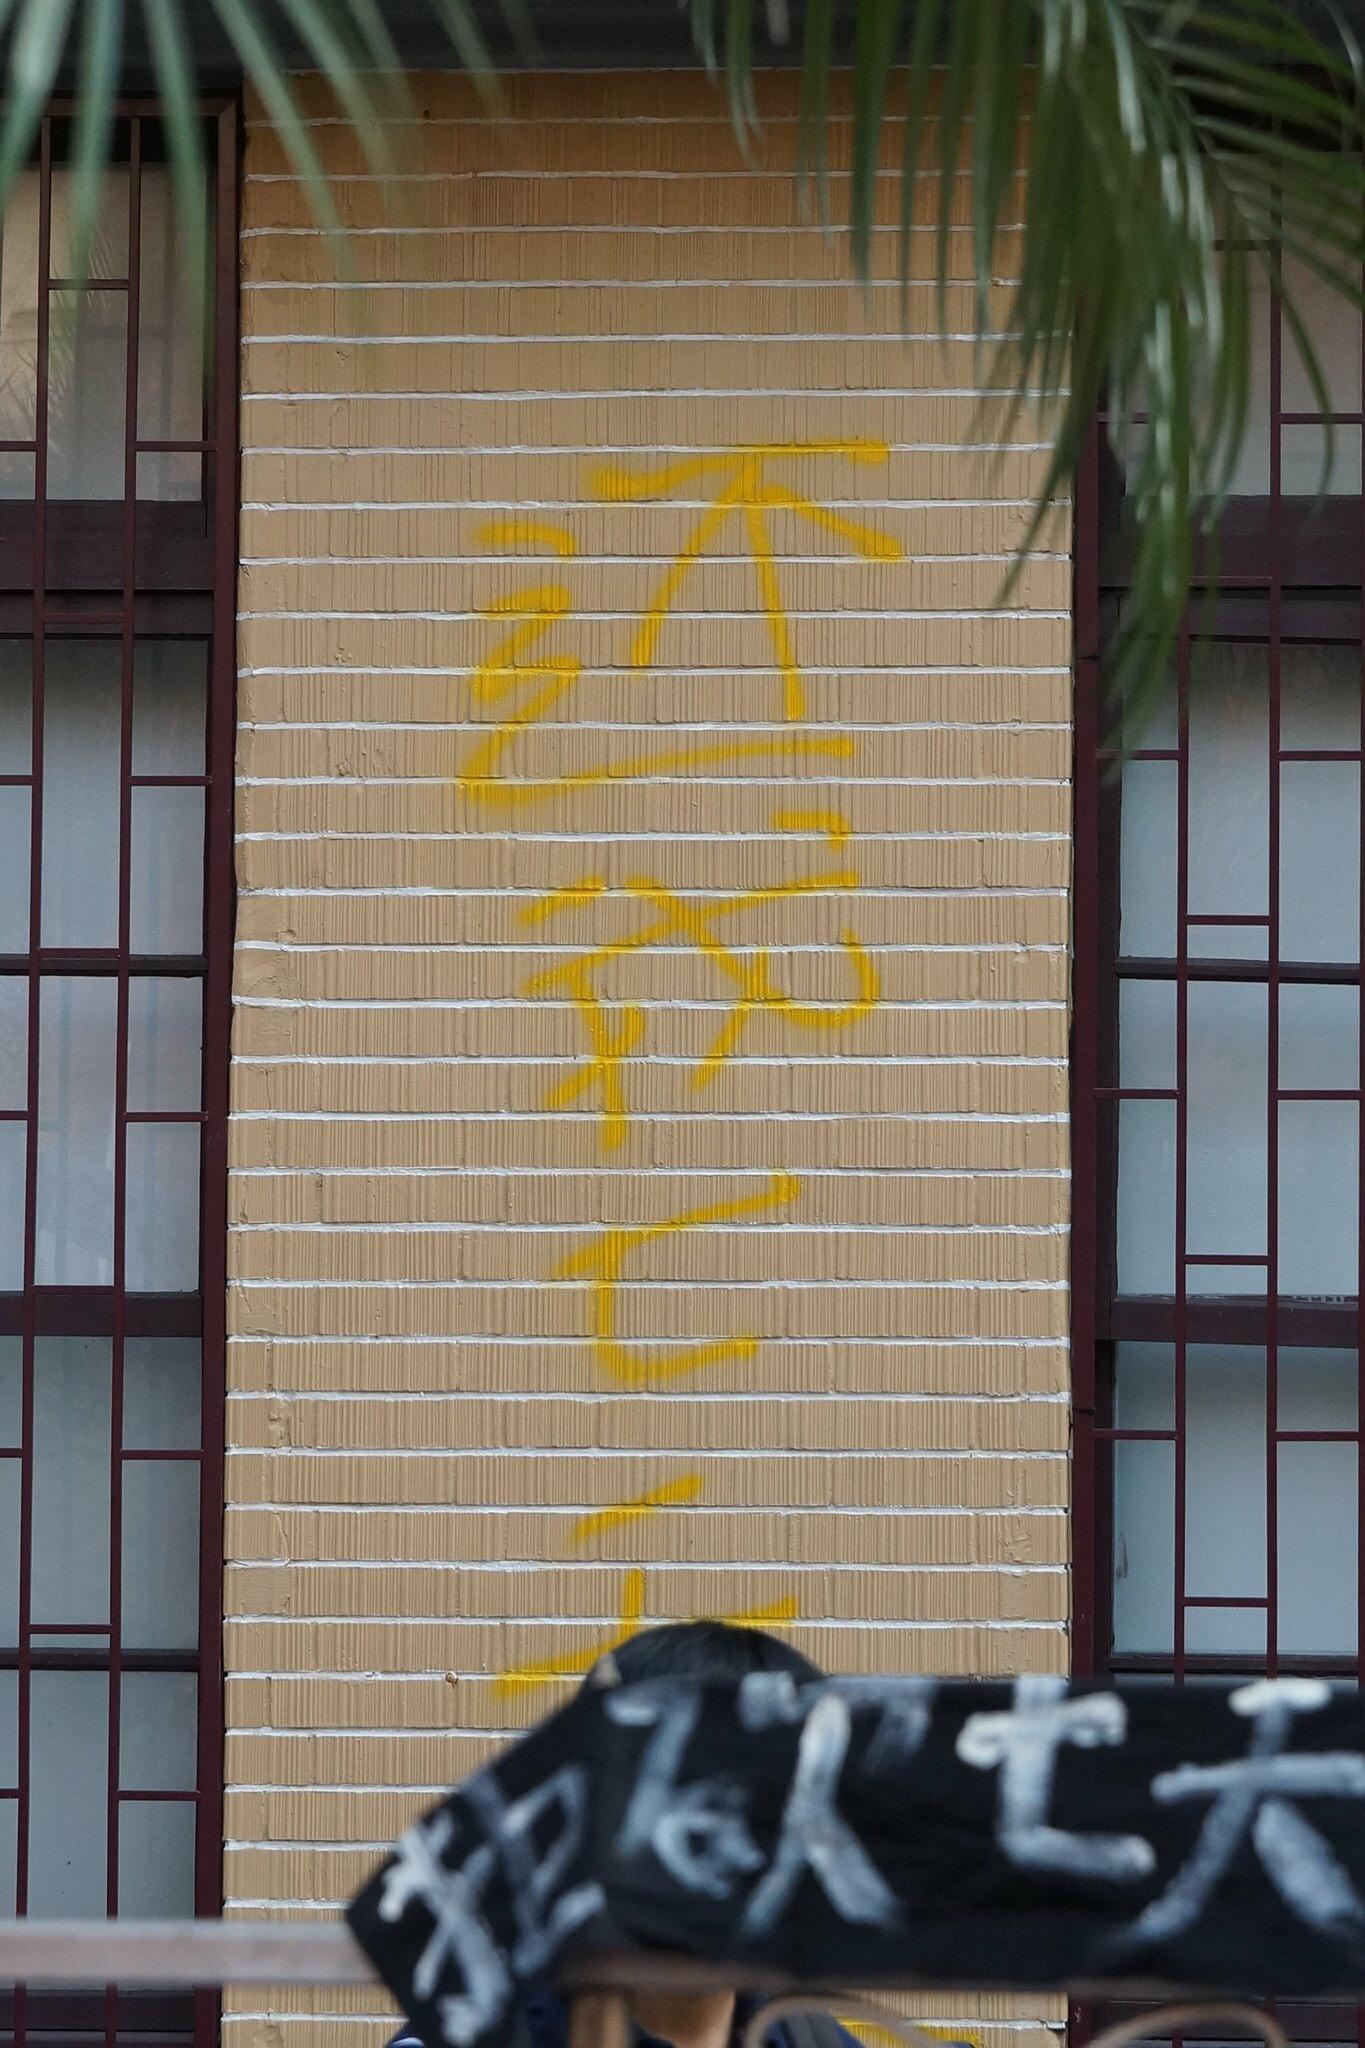 勞團立院外牆噴上「還我七天假」字樣。(攝影:王顥中)